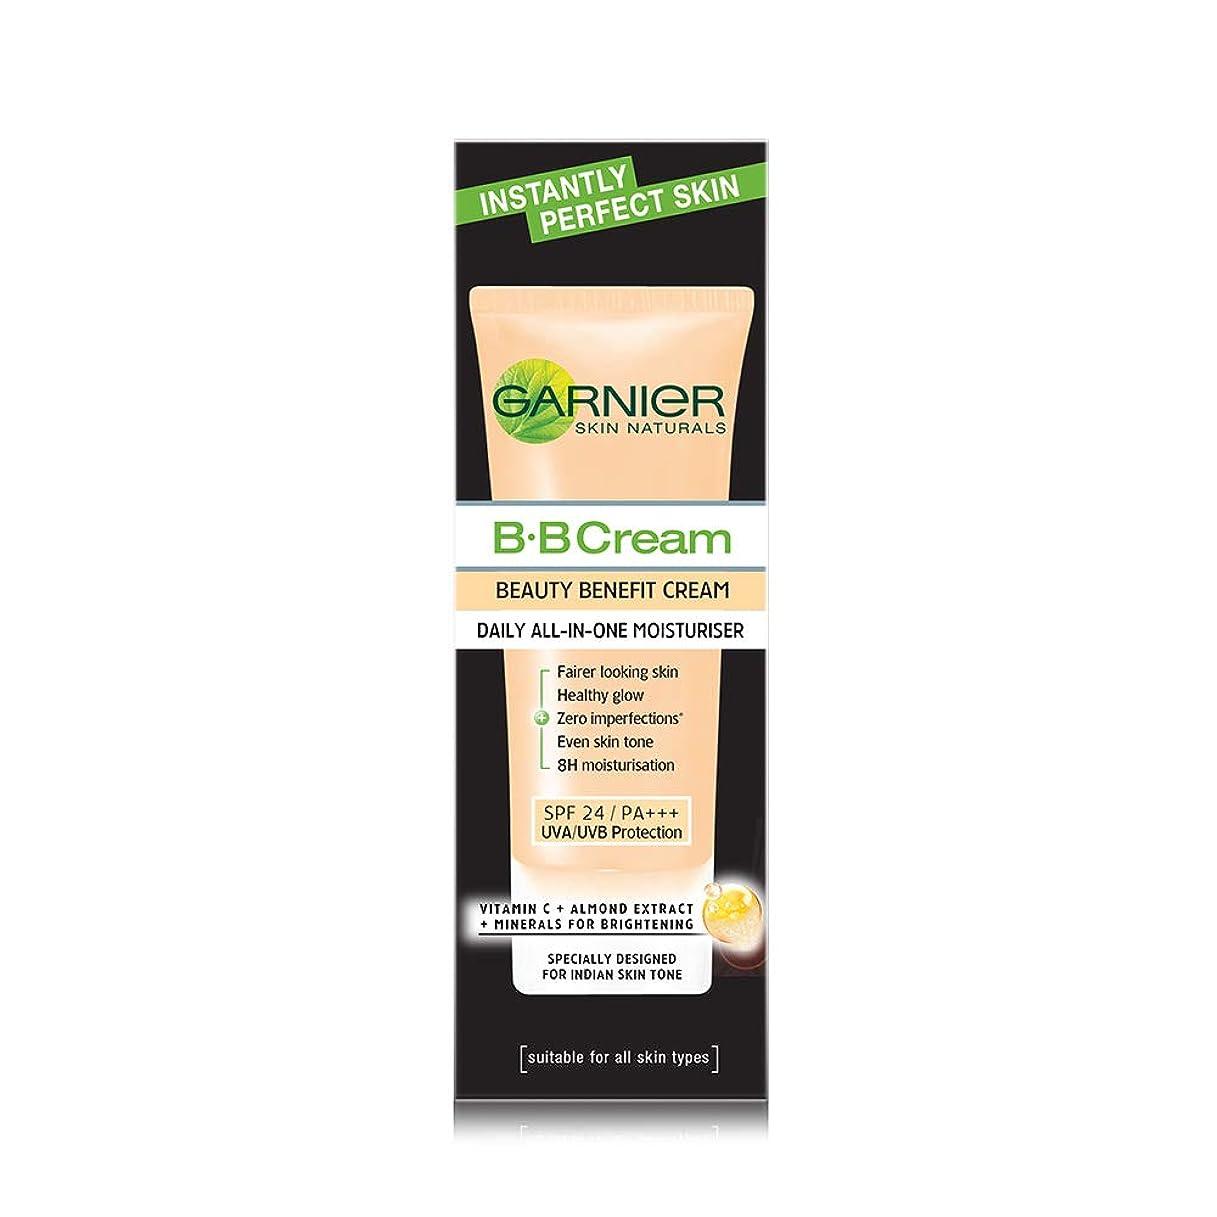 パブエジプト正確さGarnier Skin Naturals Instantly Perfect Skin Perfector BB Cream, 30g